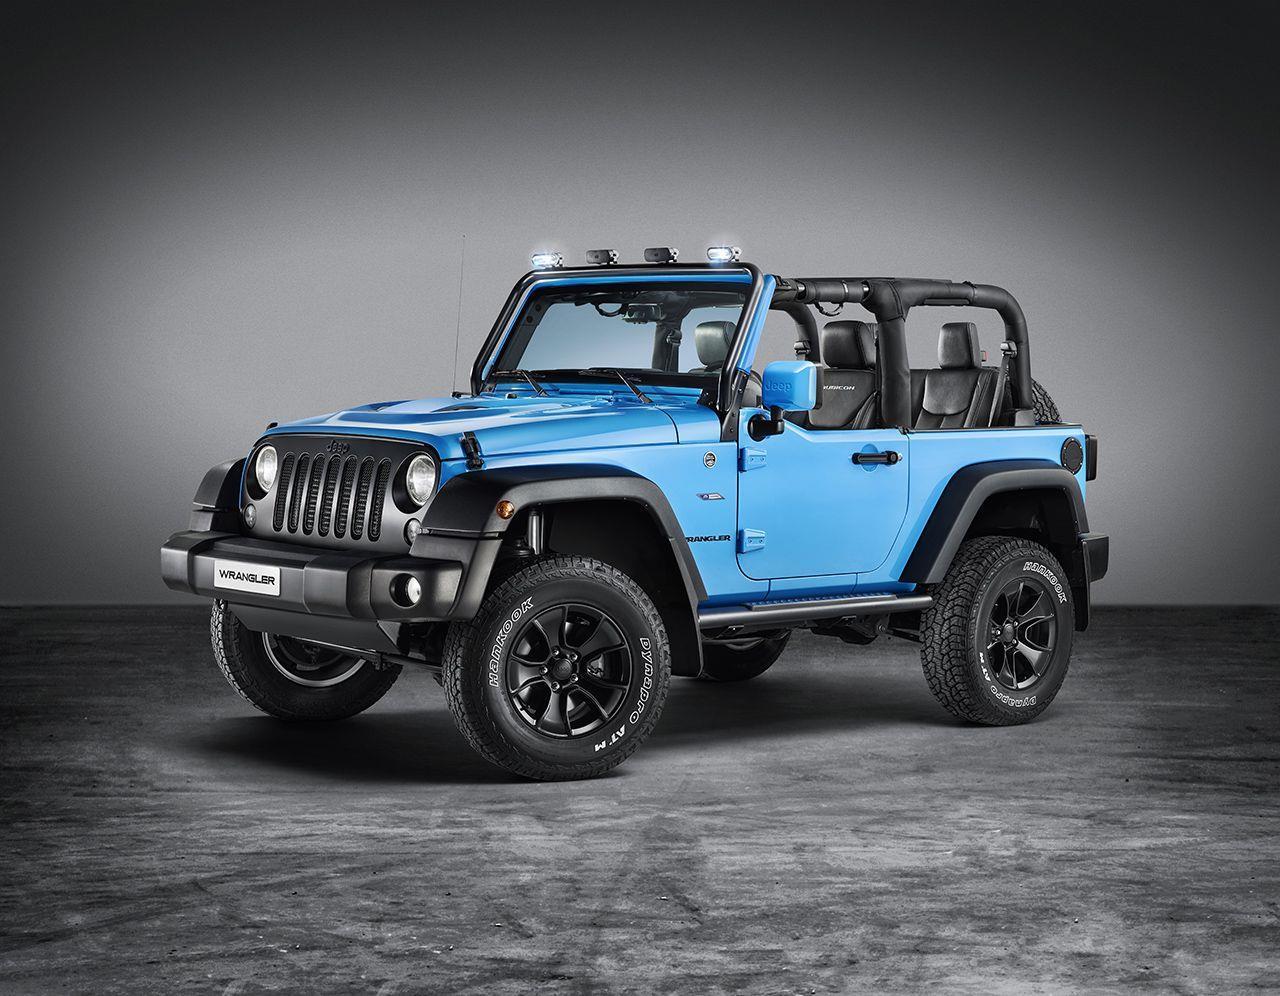 2017 jeep wrangler mopar one. Black Bedroom Furniture Sets. Home Design Ideas